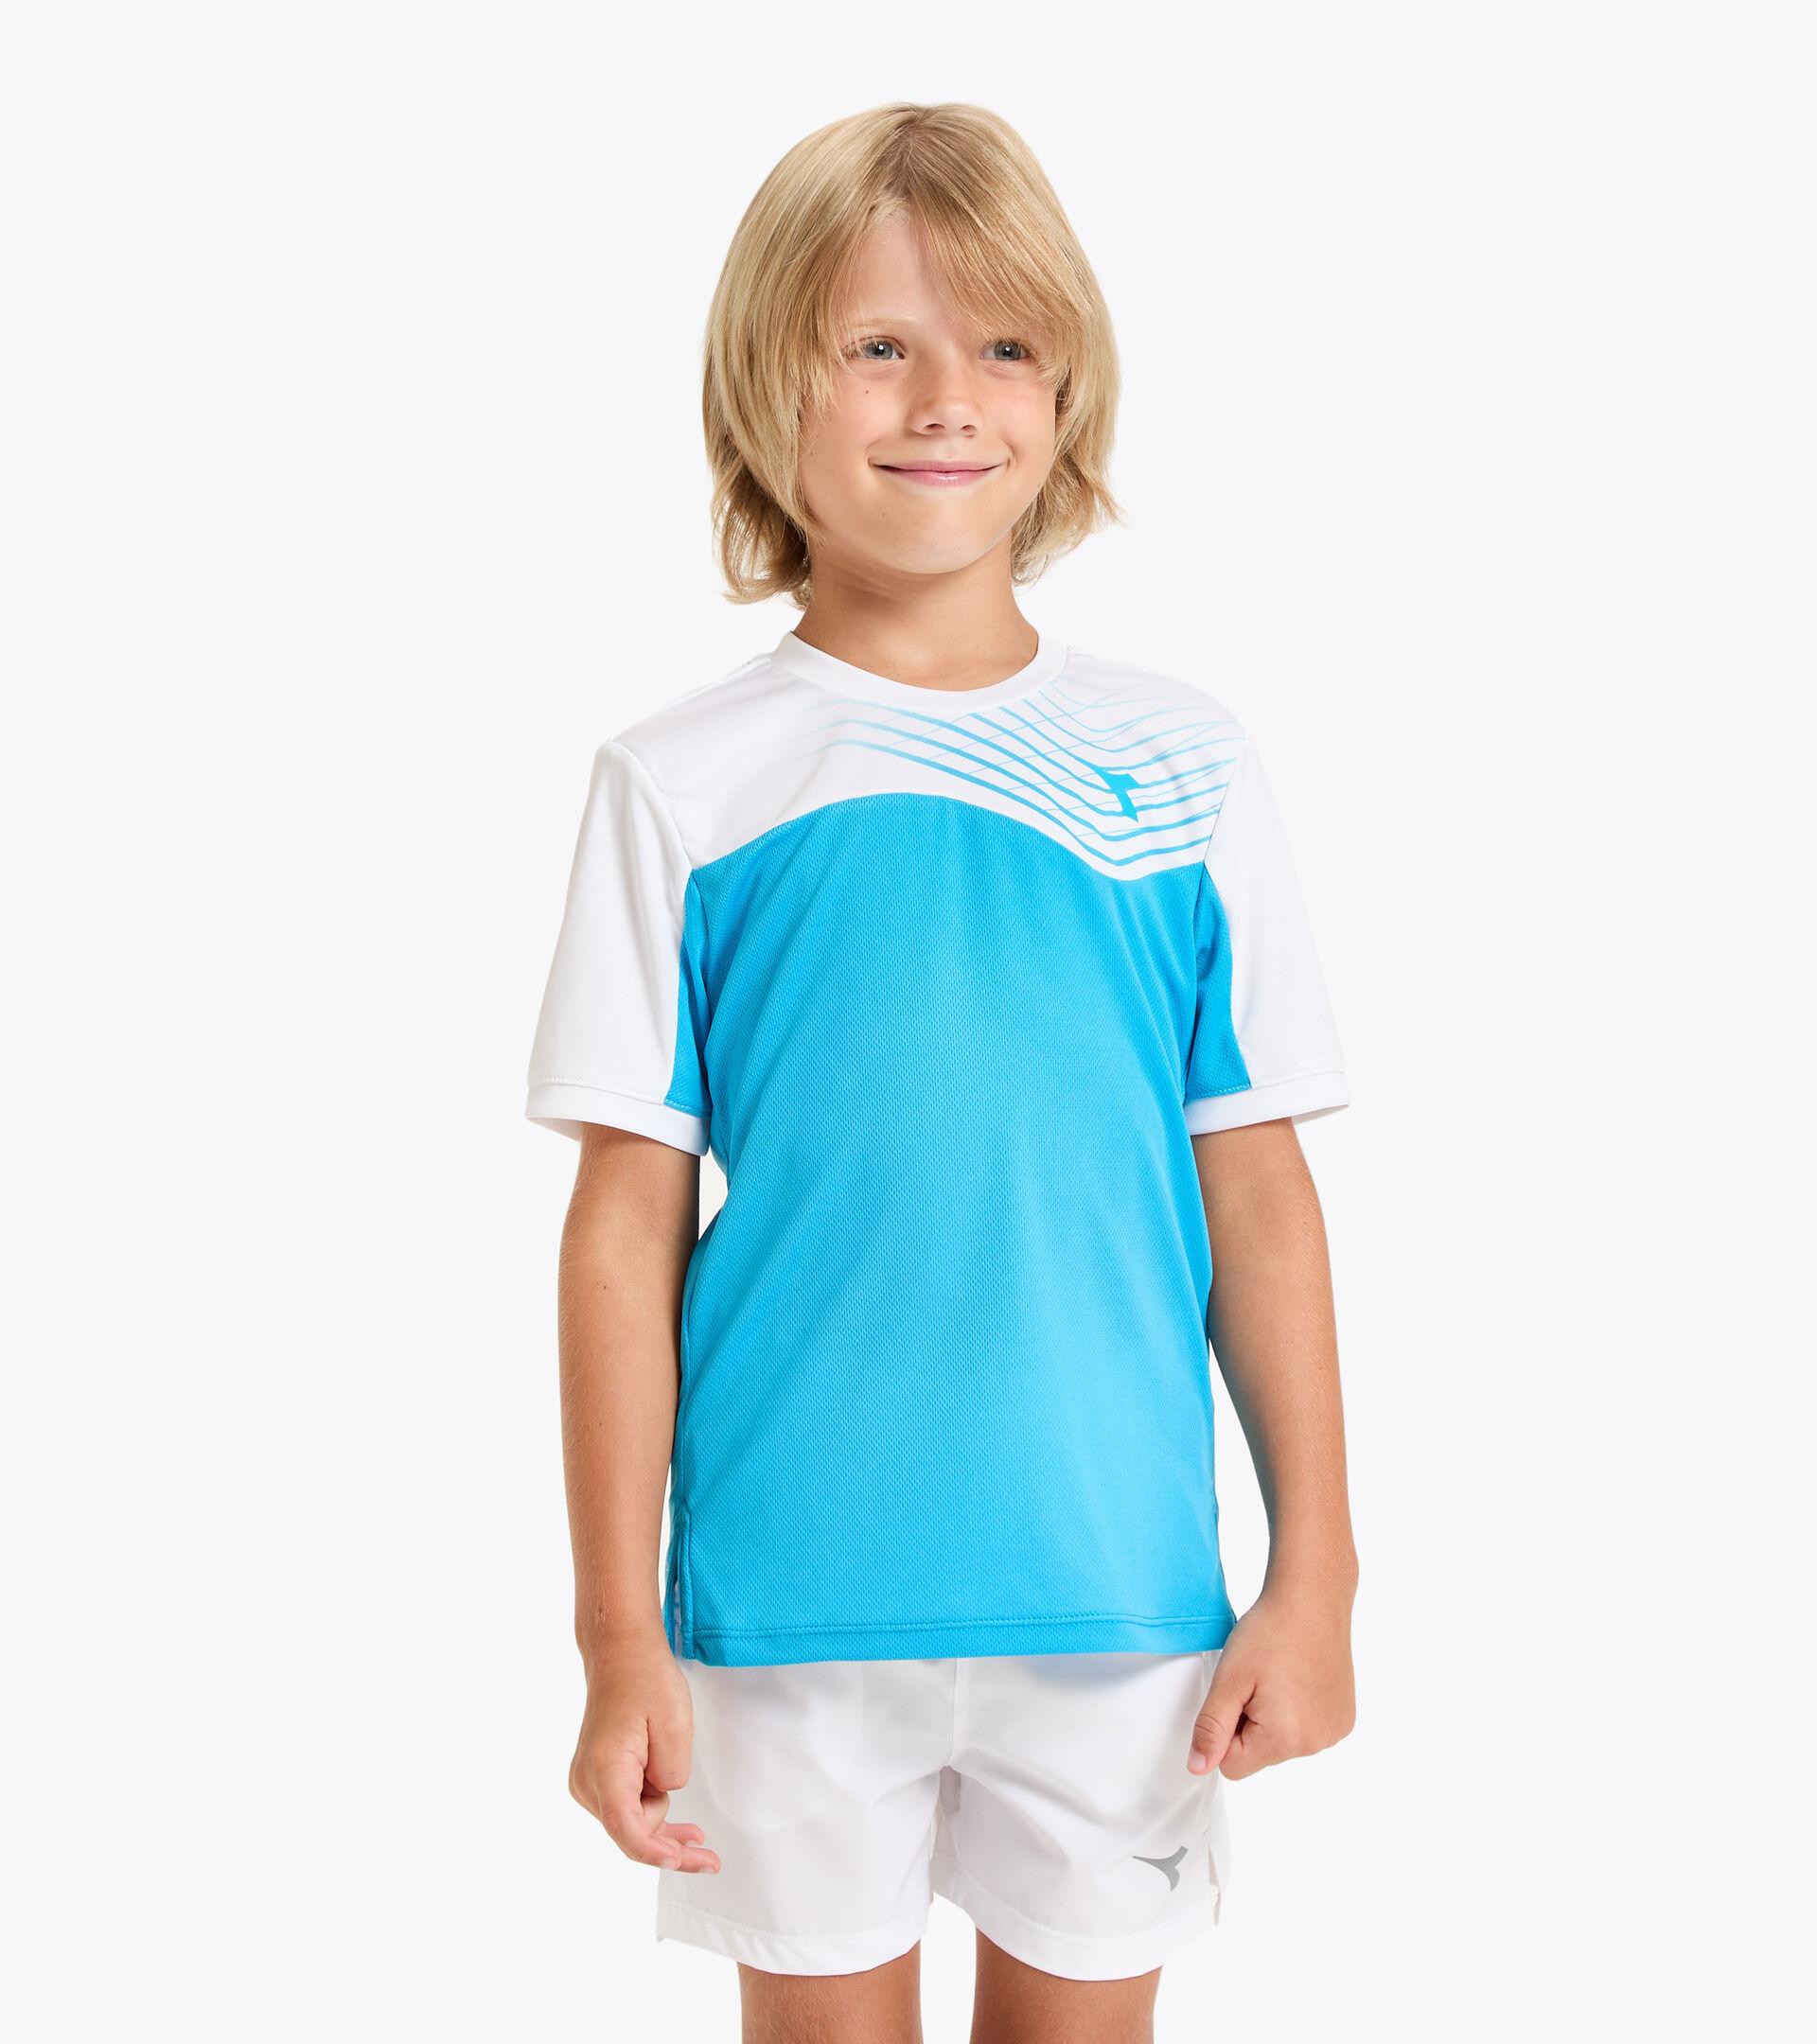 Camiseta de tenis - Junior J. T-SHIRT COURT AZUL REAL FLUO - Diadora